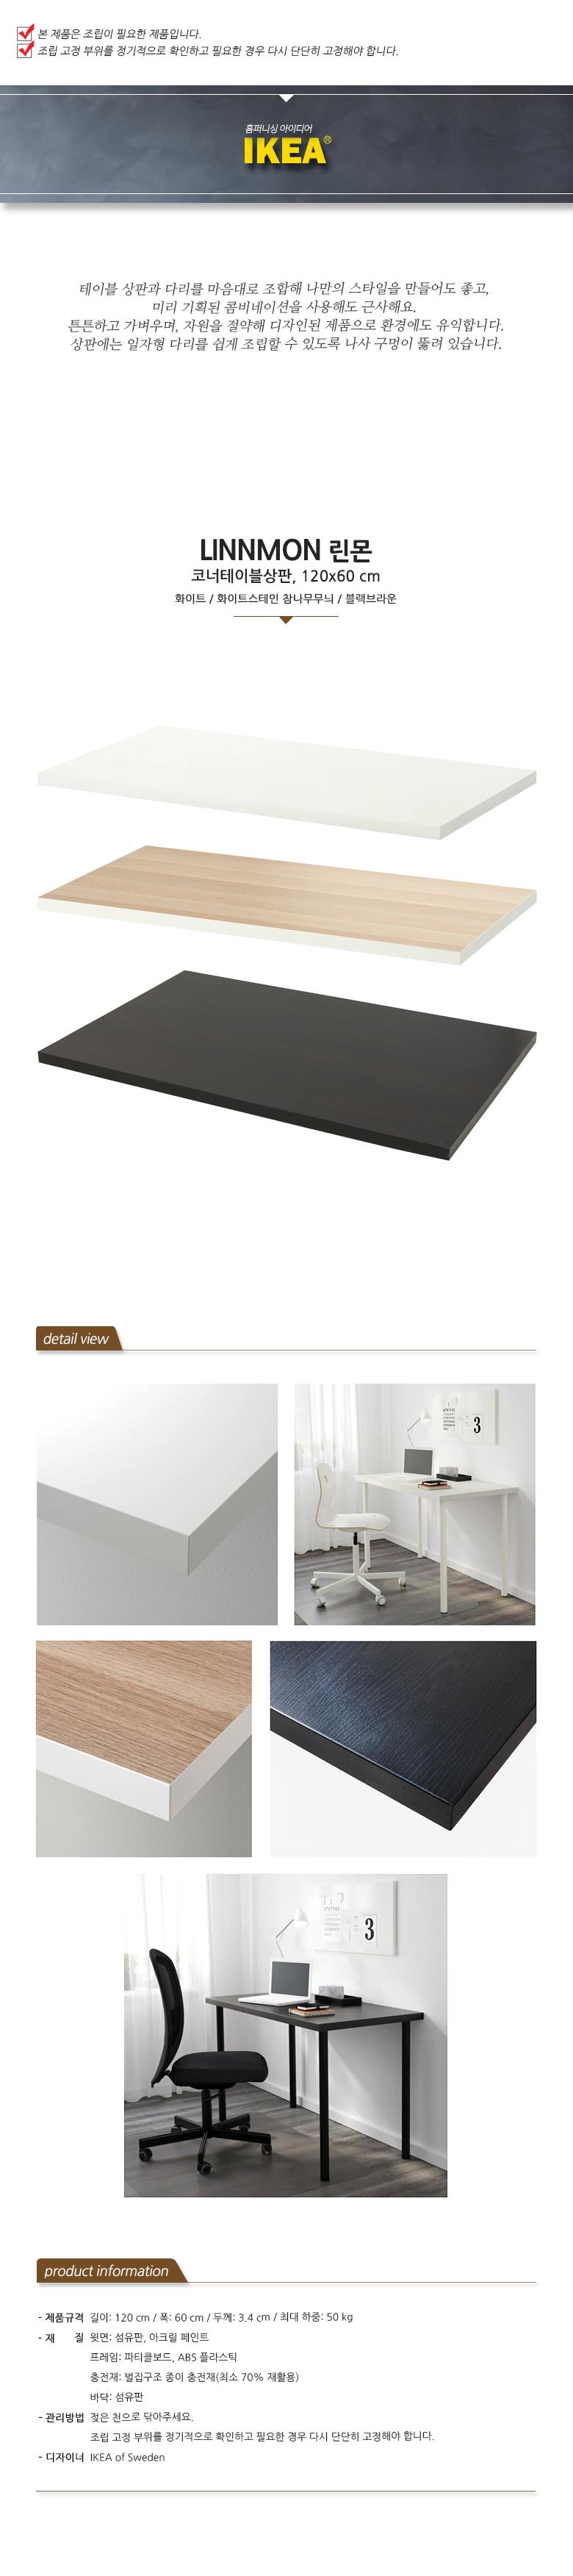 이케아 LINNMON 테이블상판(120x60 cm) - 이케아, 52,080원, 가구, 테이블/책상